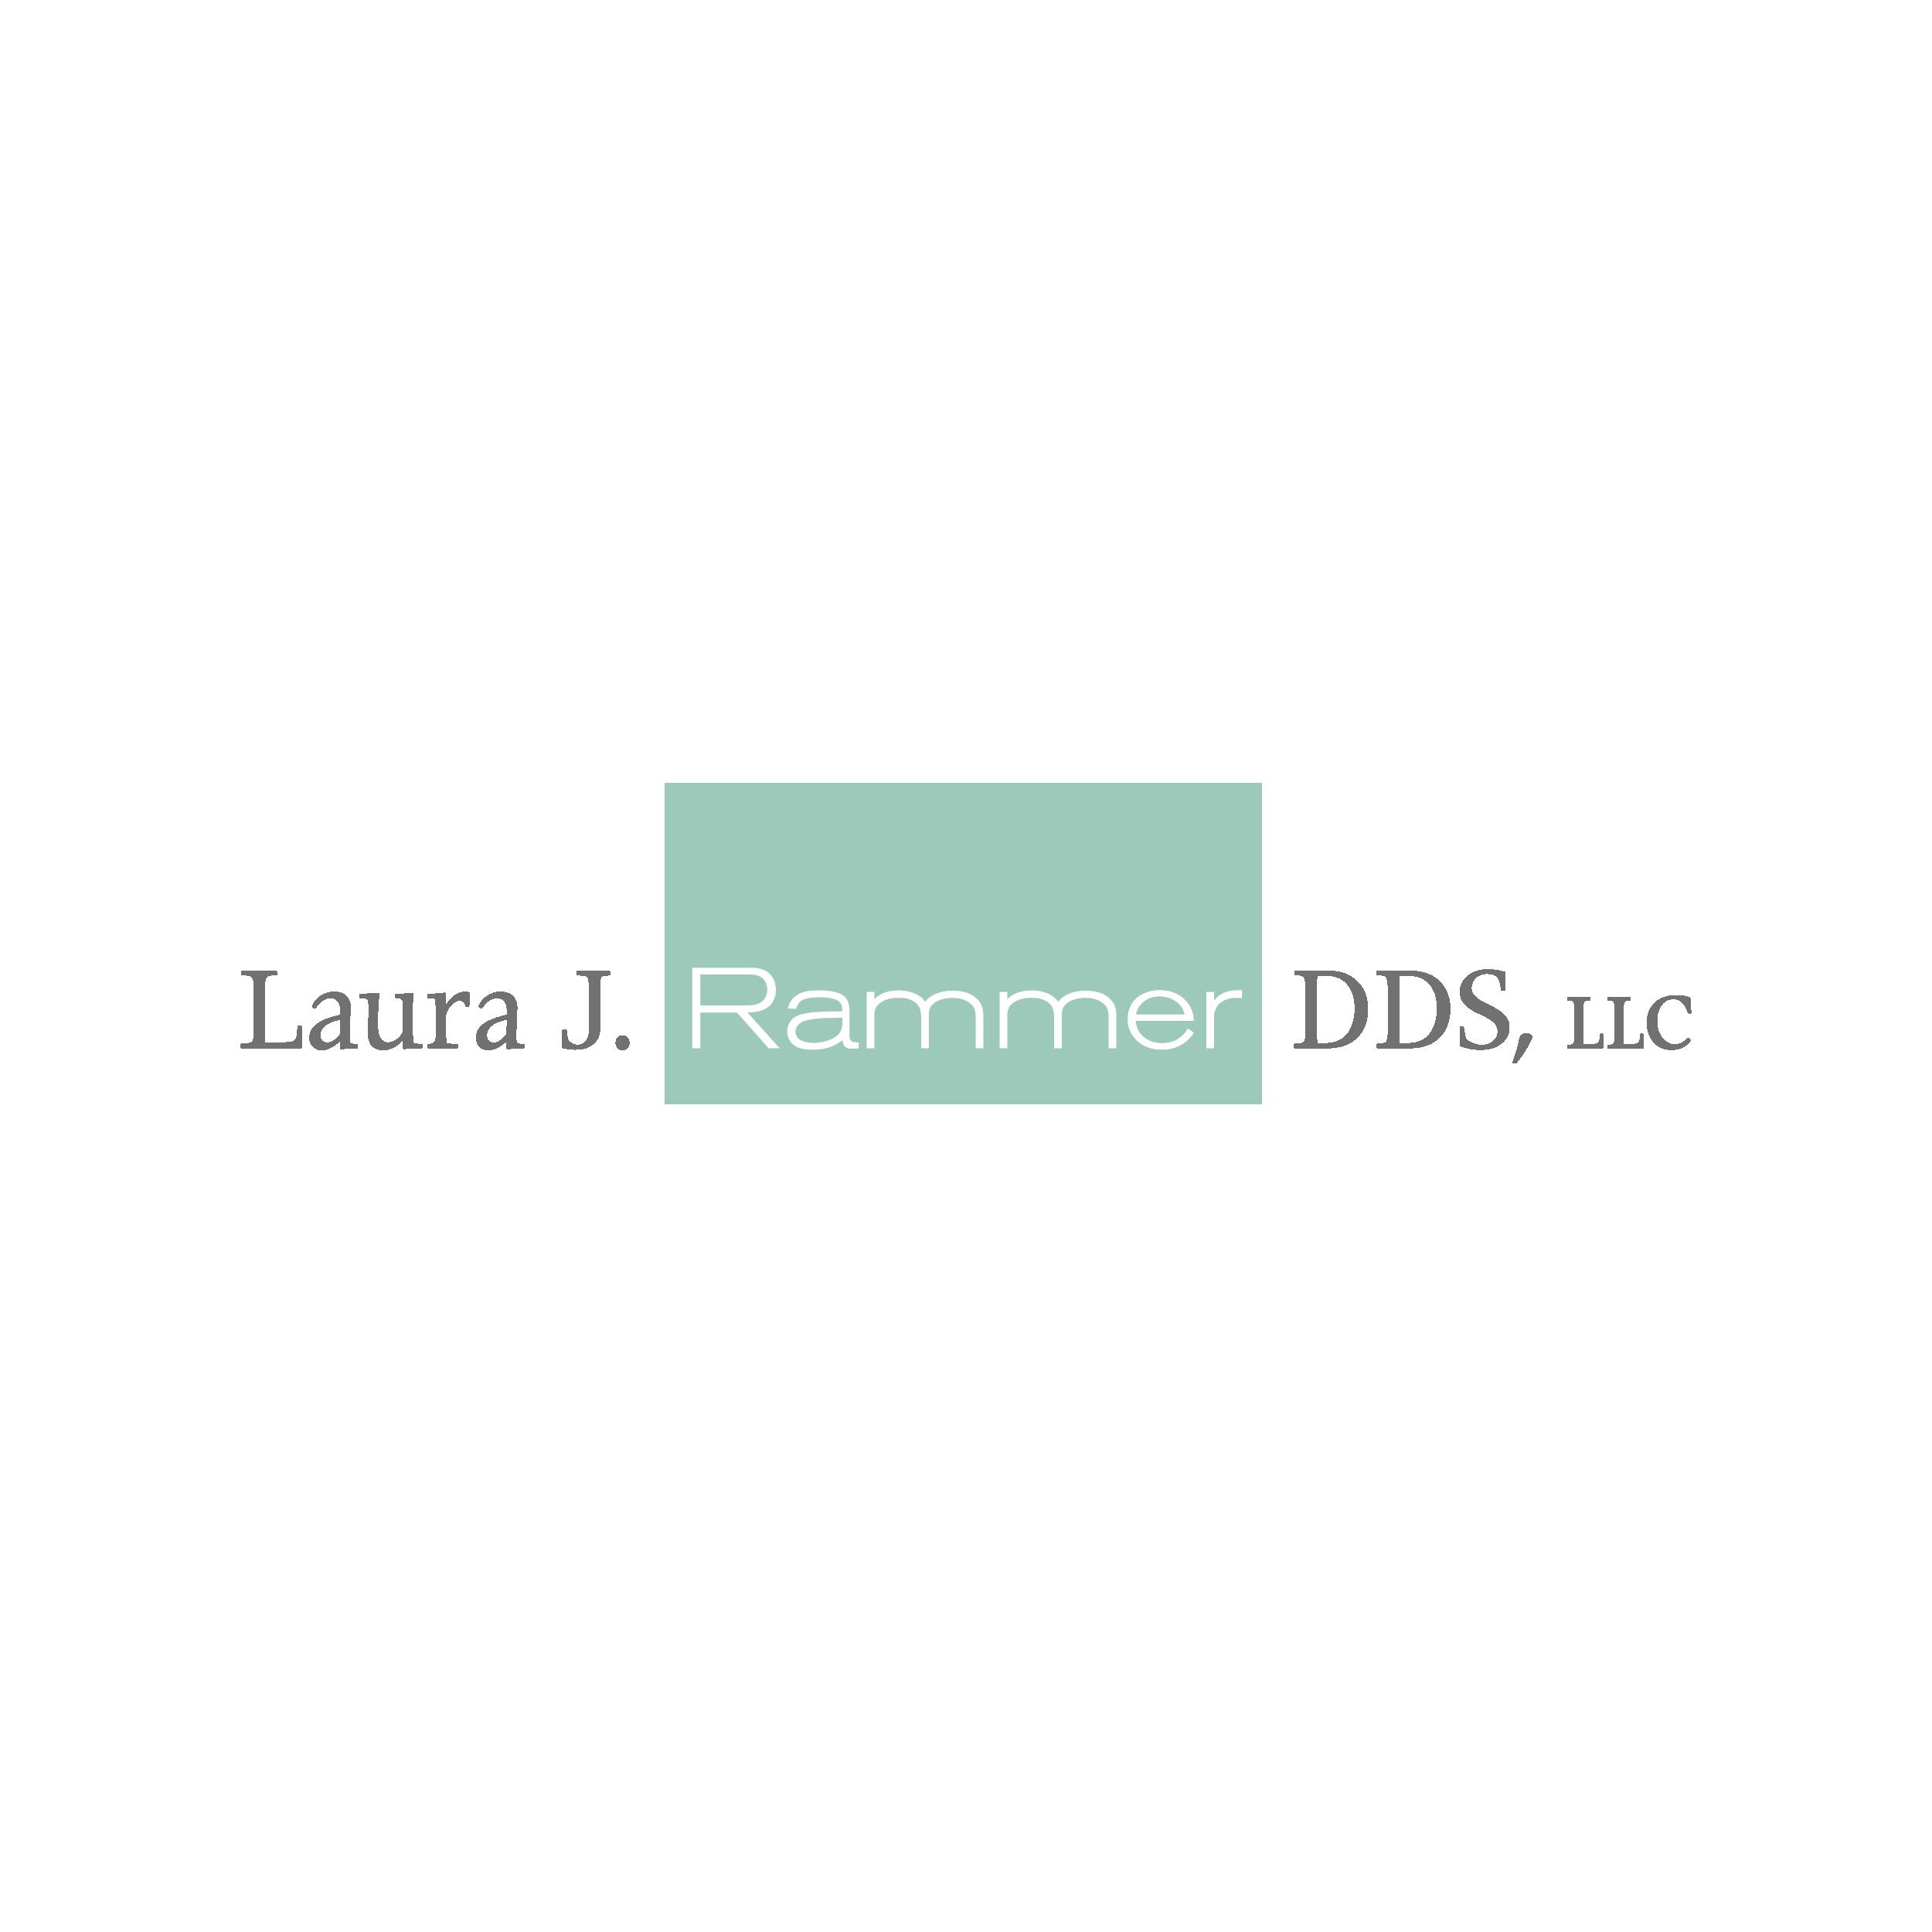 Rammer DDS